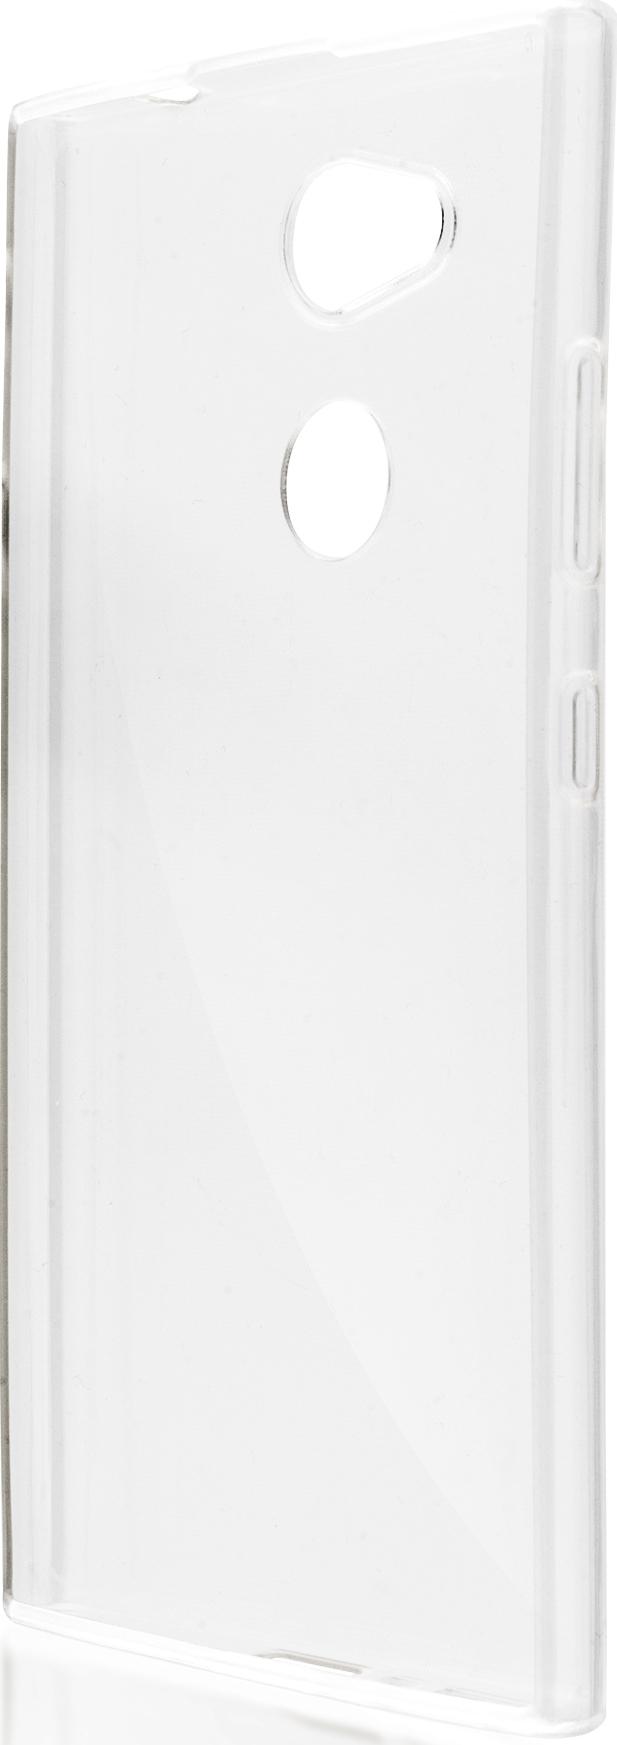 Чехол Brosco TPU для Sony Xperia L2, прозрачный